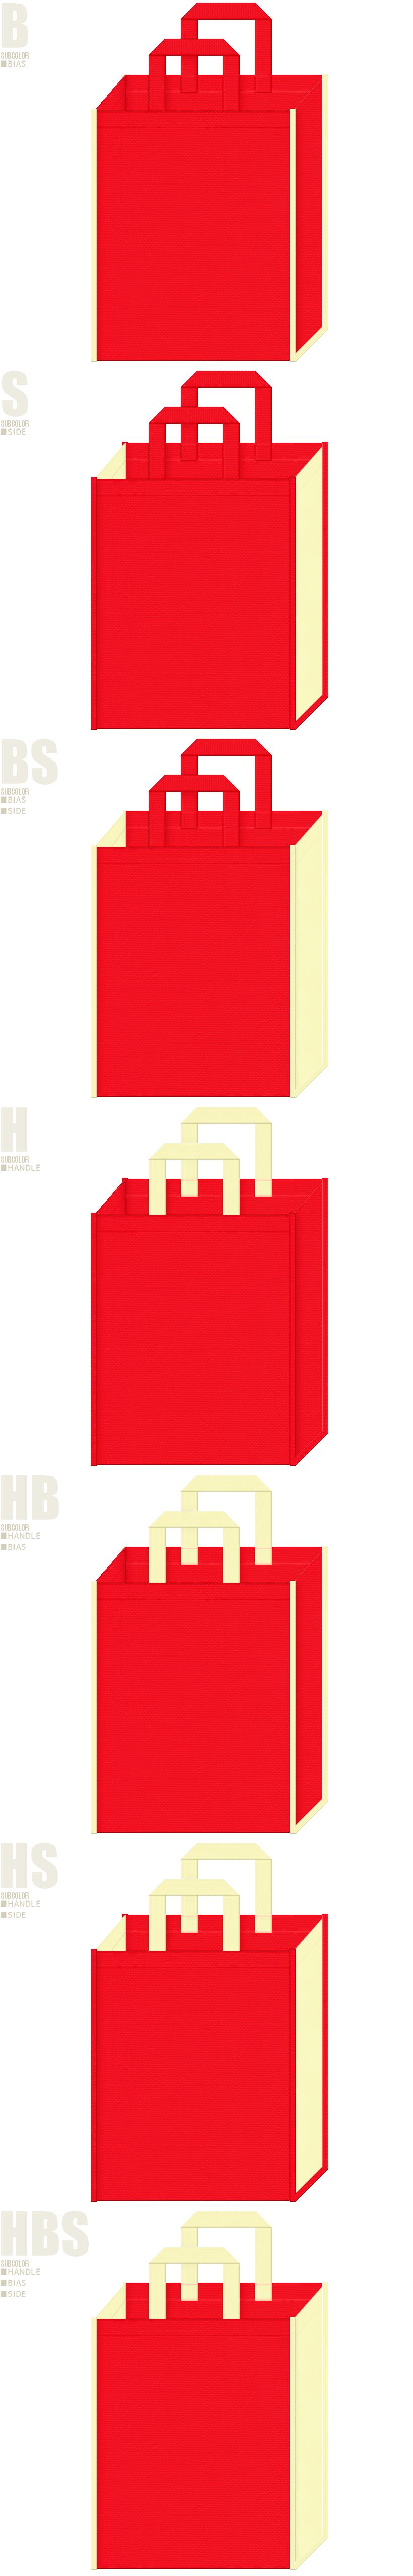 ひな祭りのイメージにお奨めの不織布バッグデザイン:赤色と薄黄色の配色7パターン